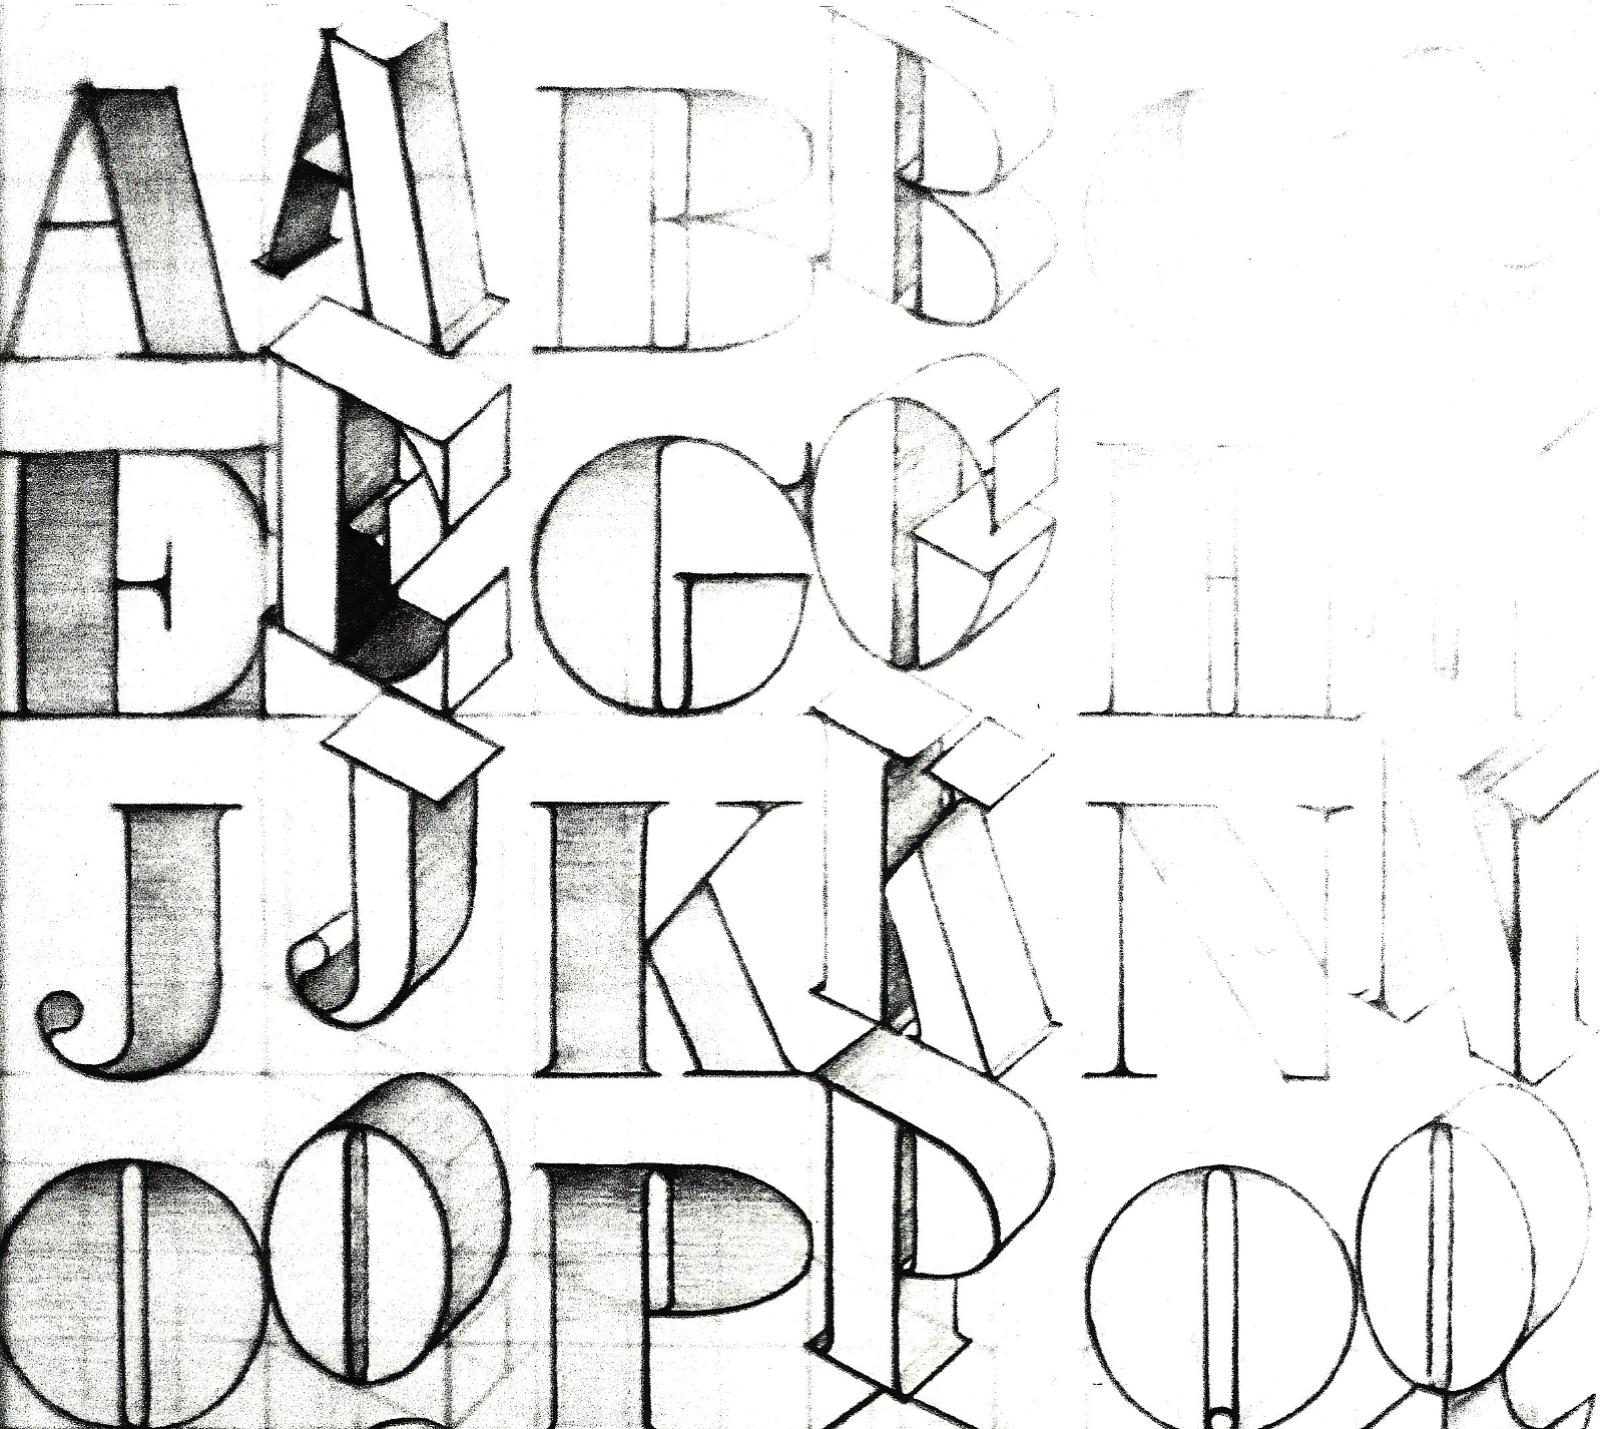 Exercise I Letterform